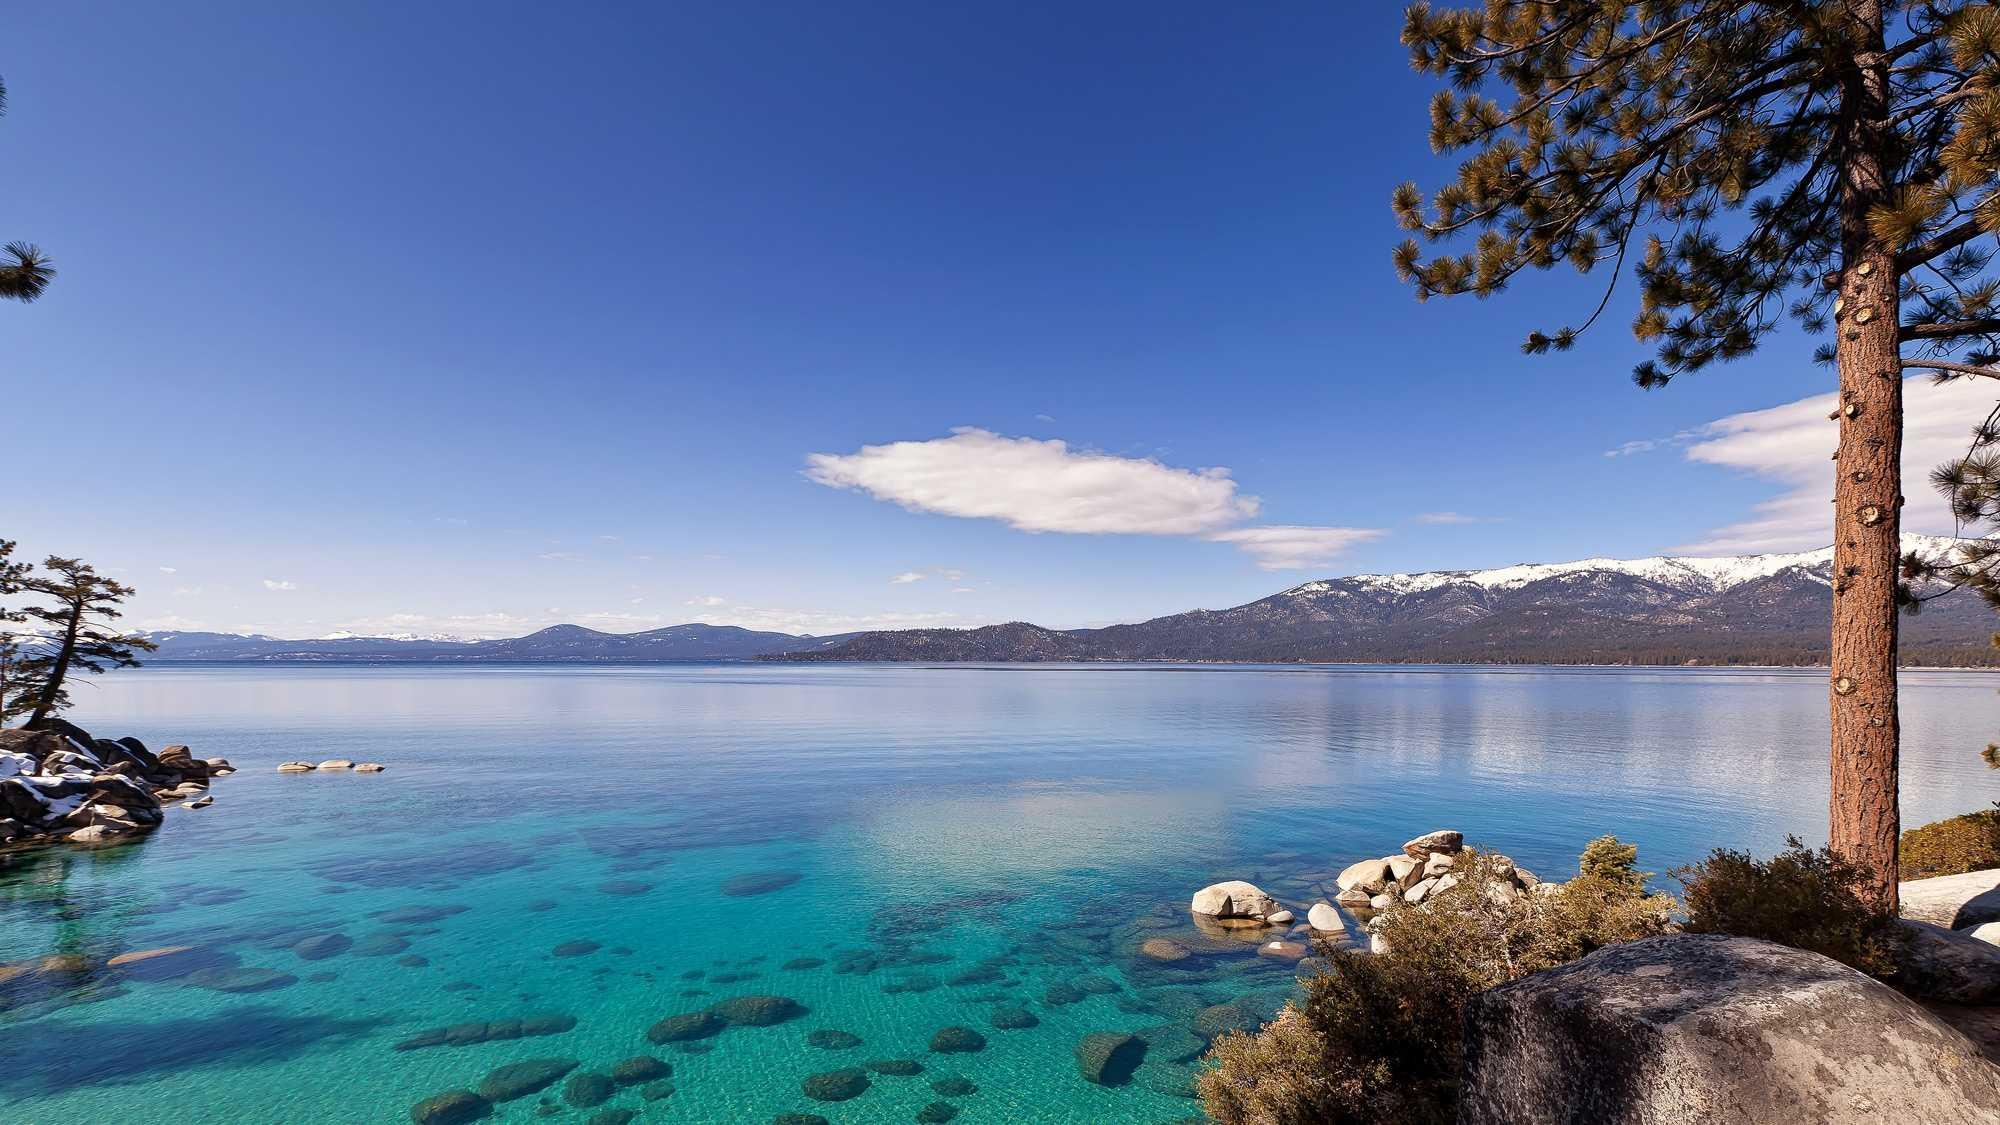 Lake Tahoe image.jpg